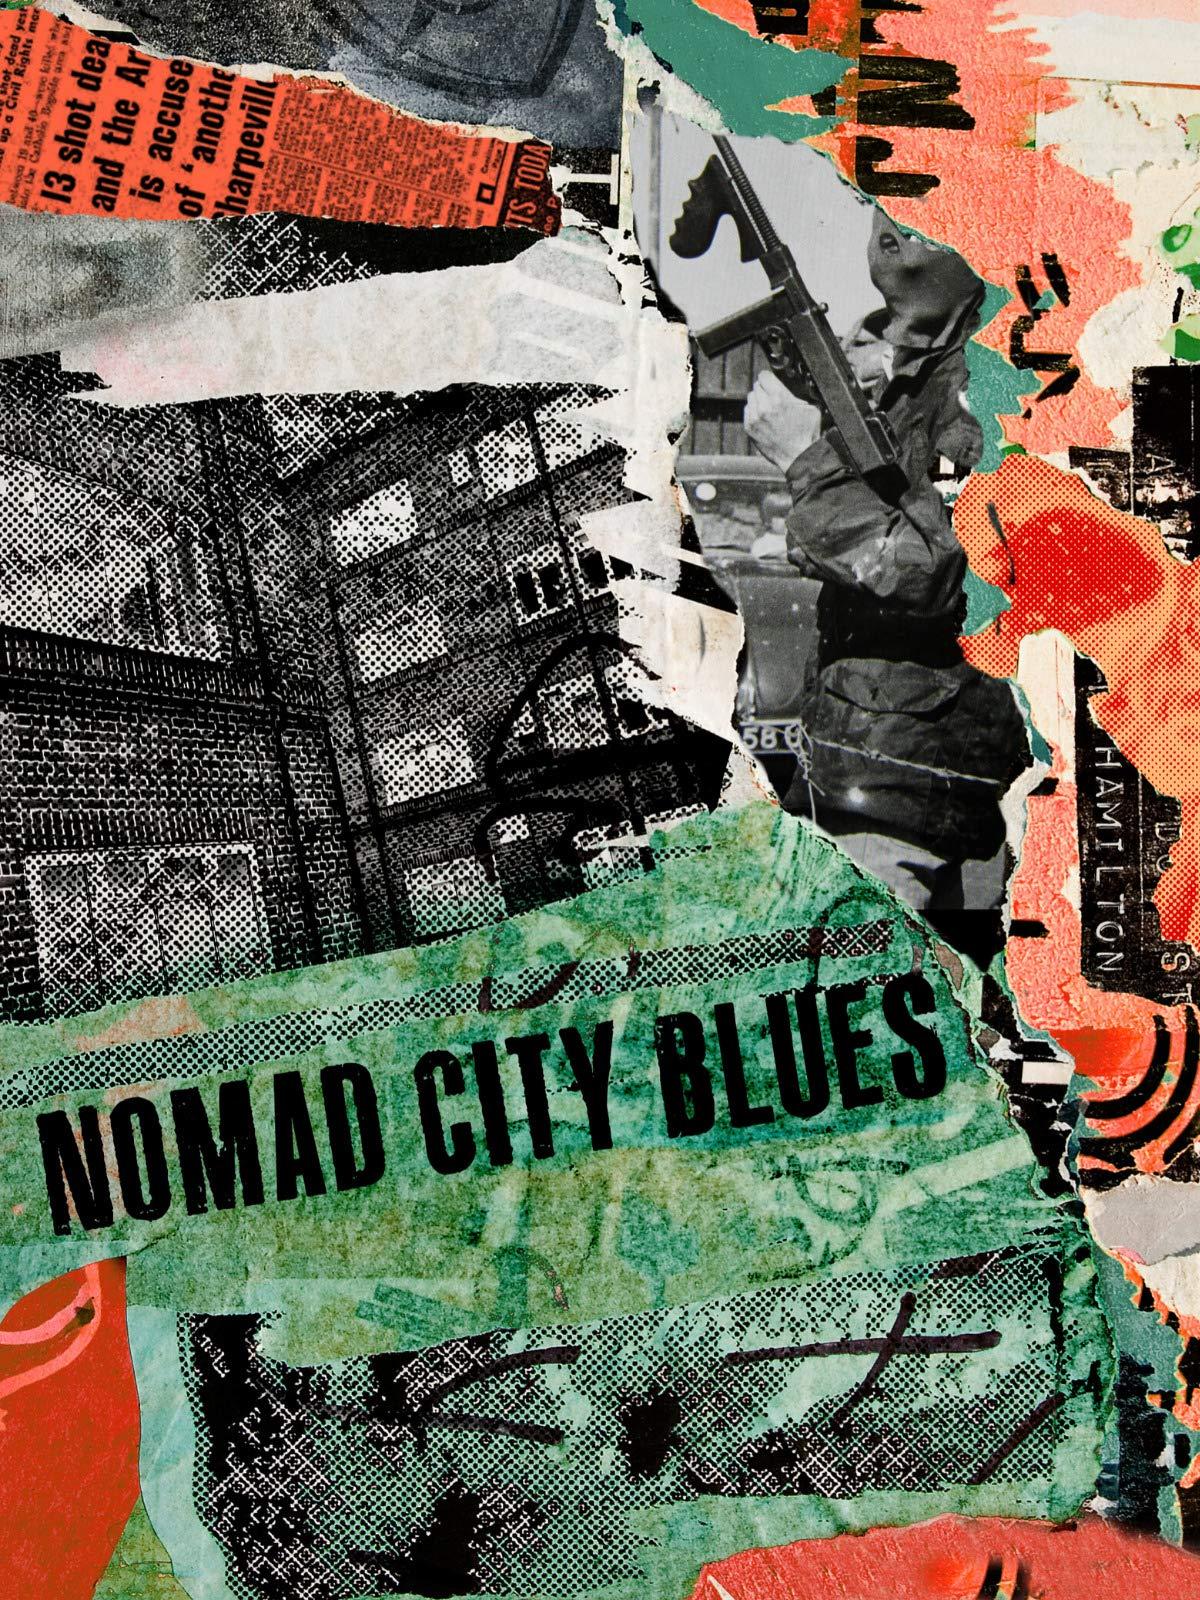 Nomad City Blues